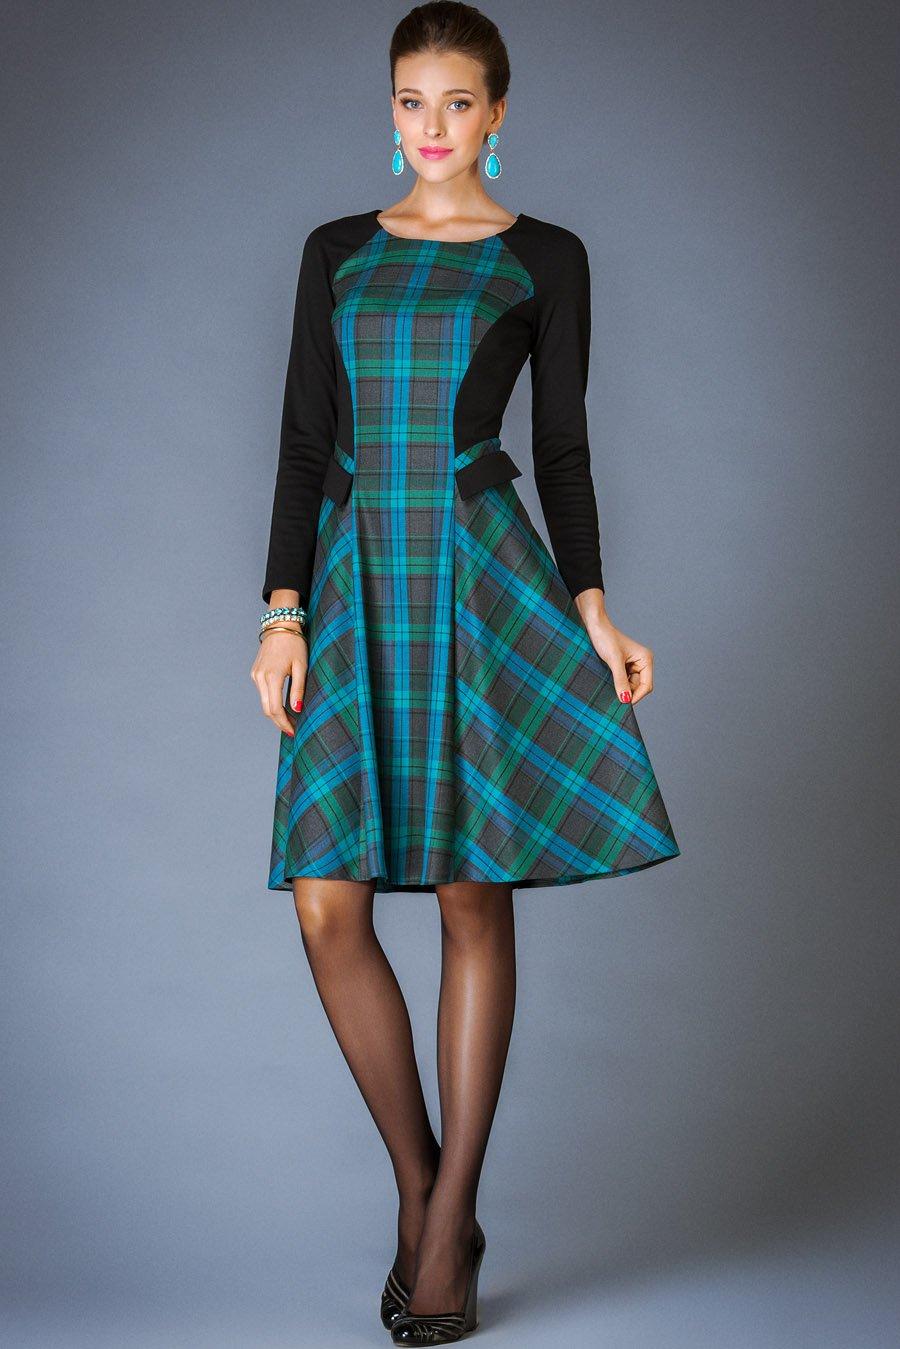 Купить платье в санкт петербурге 2